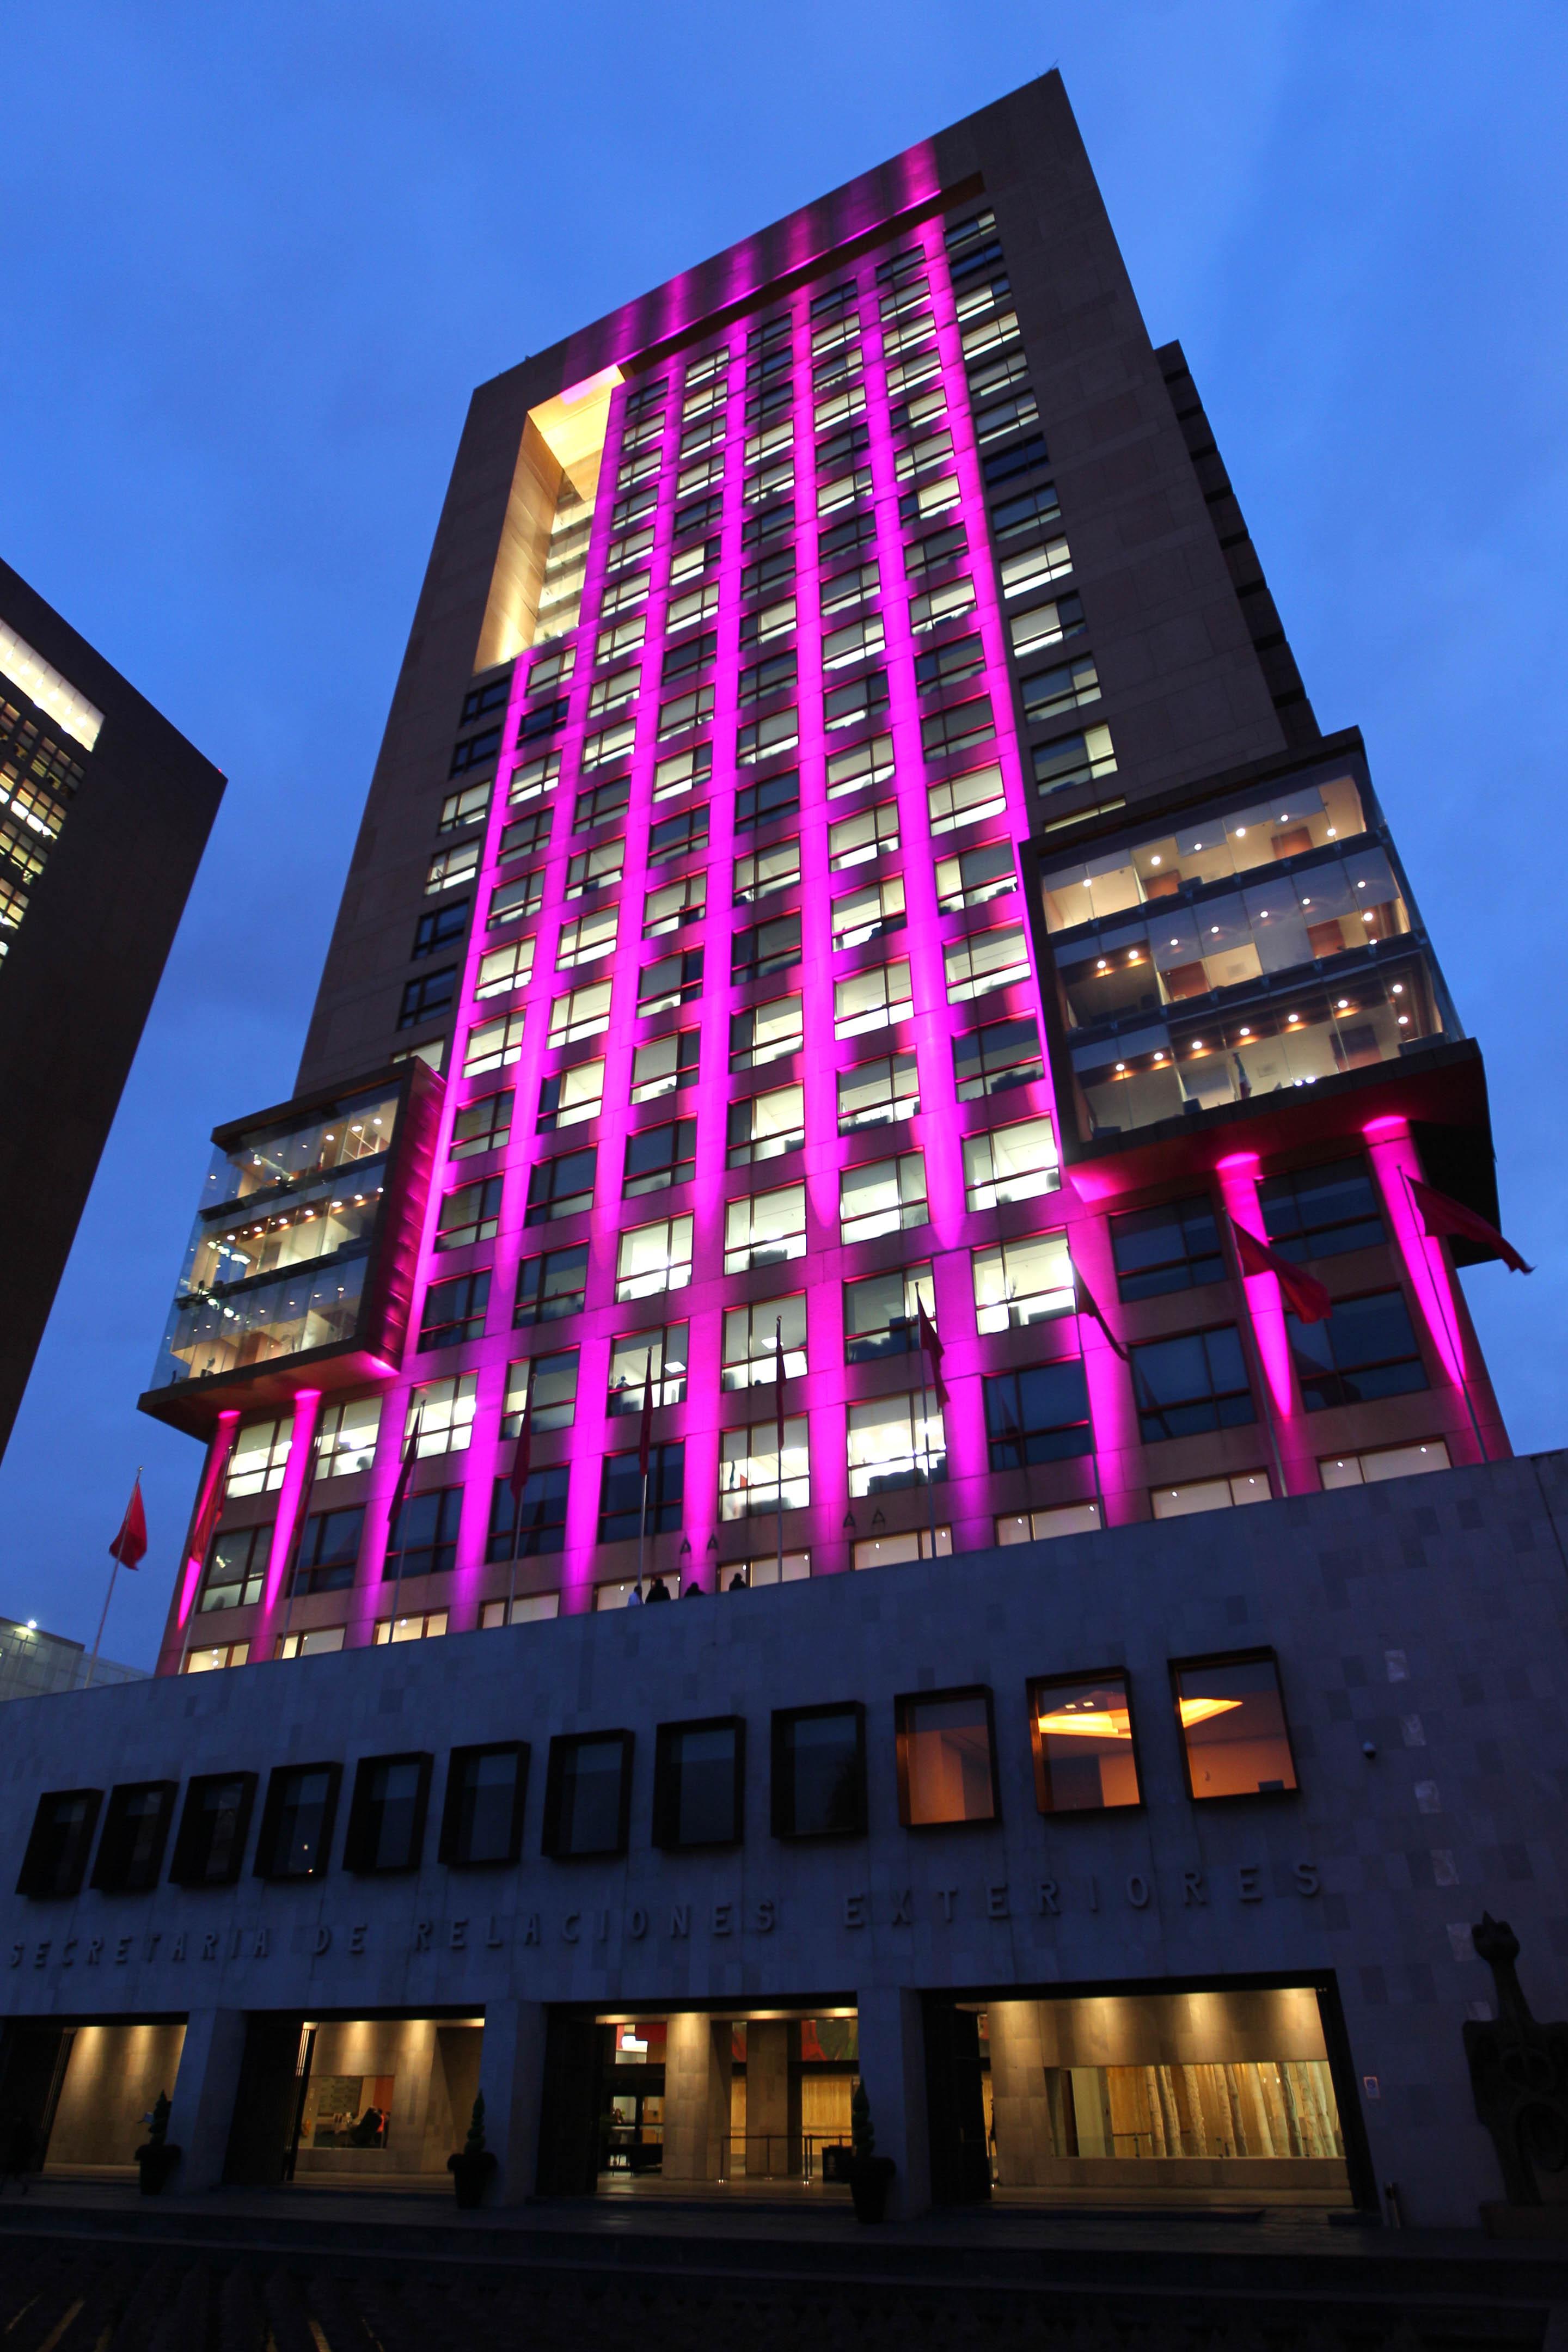 FOTO 2 Edificio de la SRE se ilumina de rosa en el D a internacional de la lucha contra el c ncer de mama.jpg